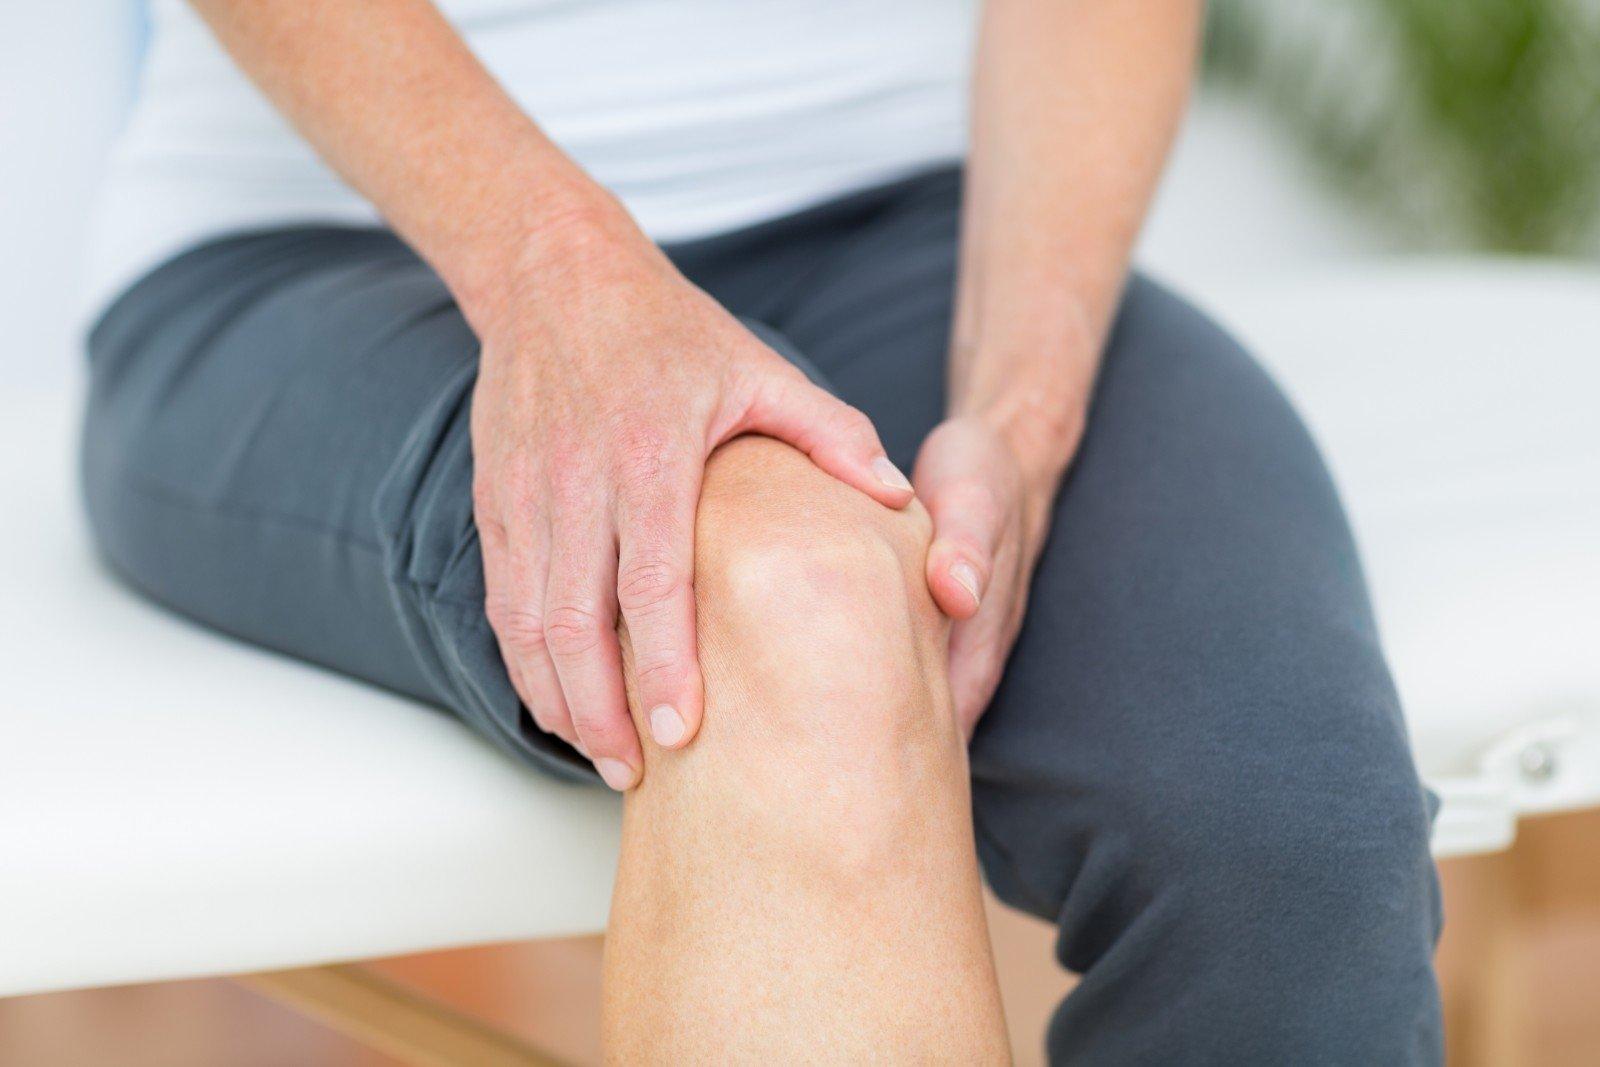 skauda iš kairės rankos kai lankstymo sąnario diabetas bendras tepalas